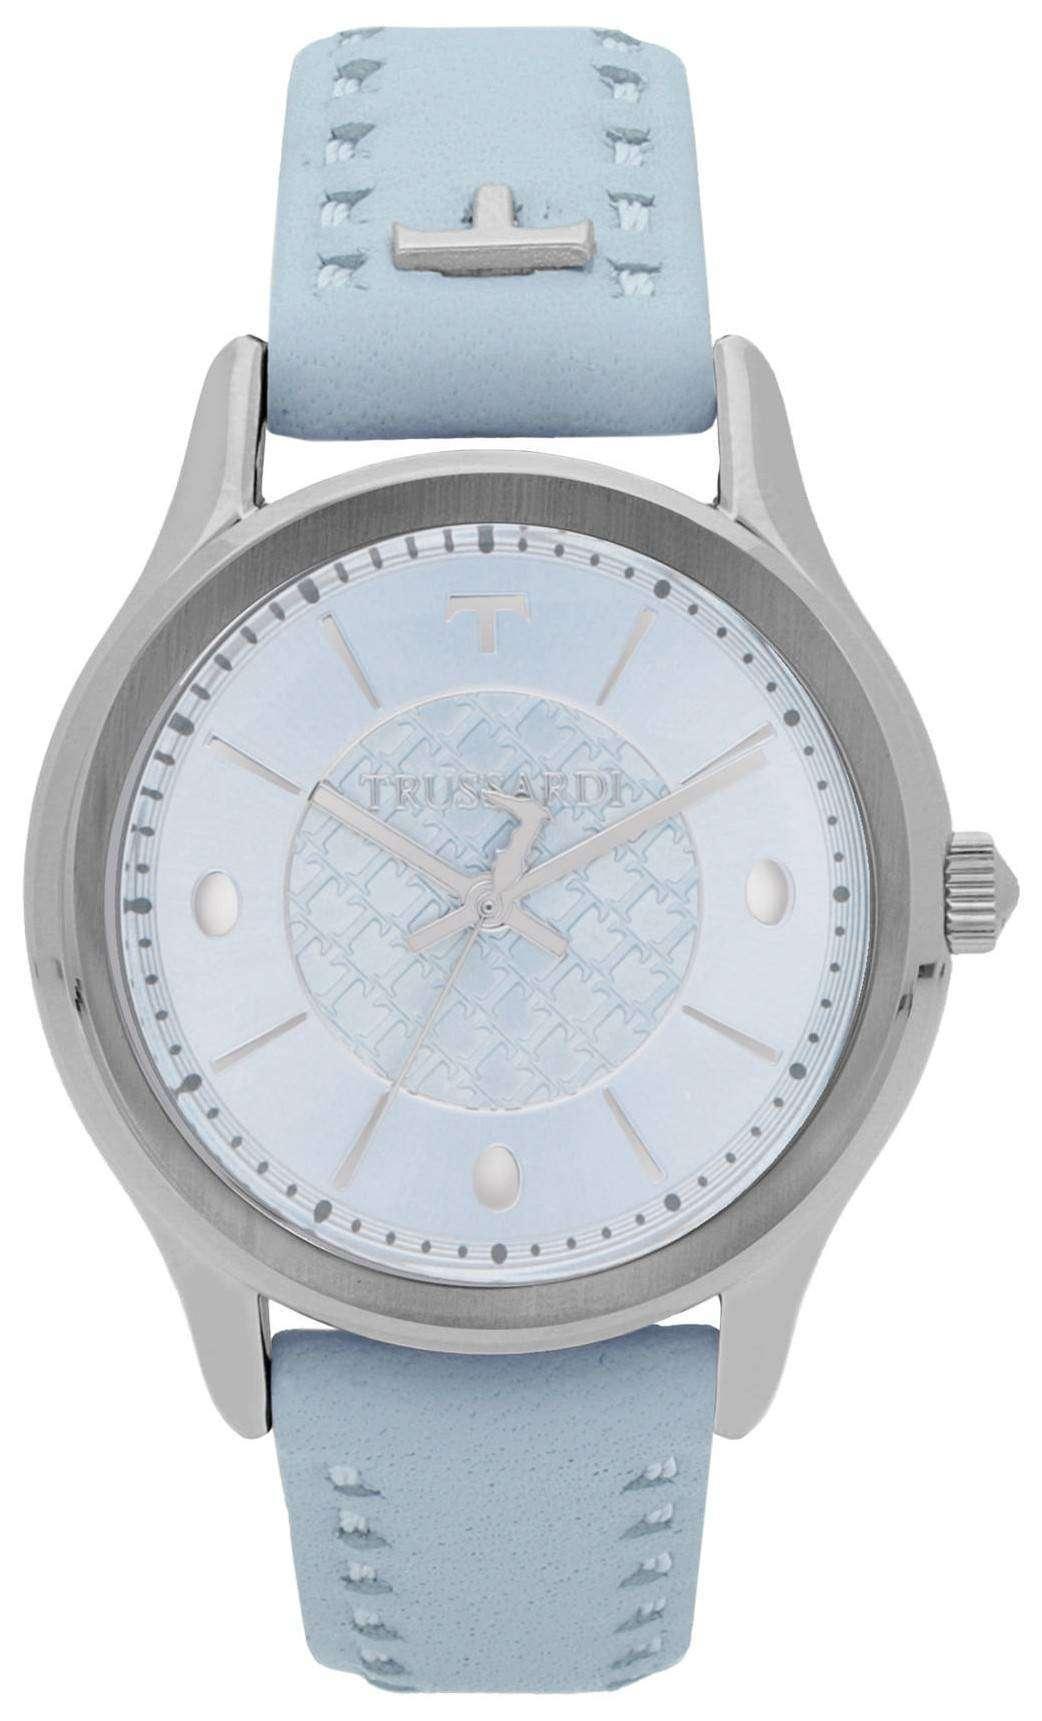 トラサルディ T 最初 R2451111504 クォーツ レディース腕時計